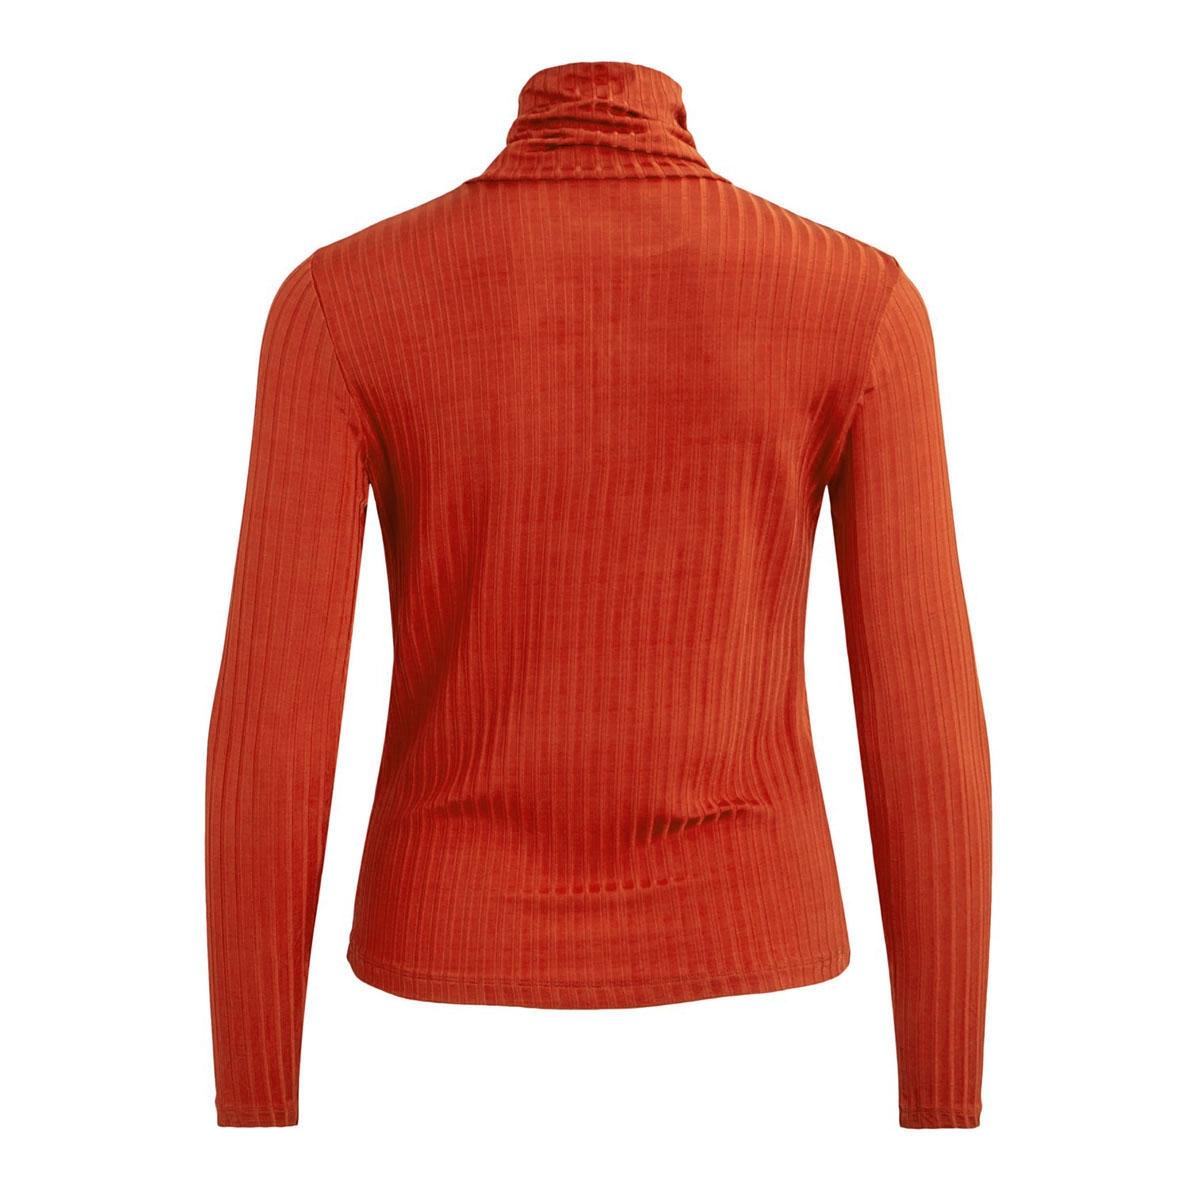 vibenja l/s rollneck t-shirt 14053993 vila t-shirt ketchup